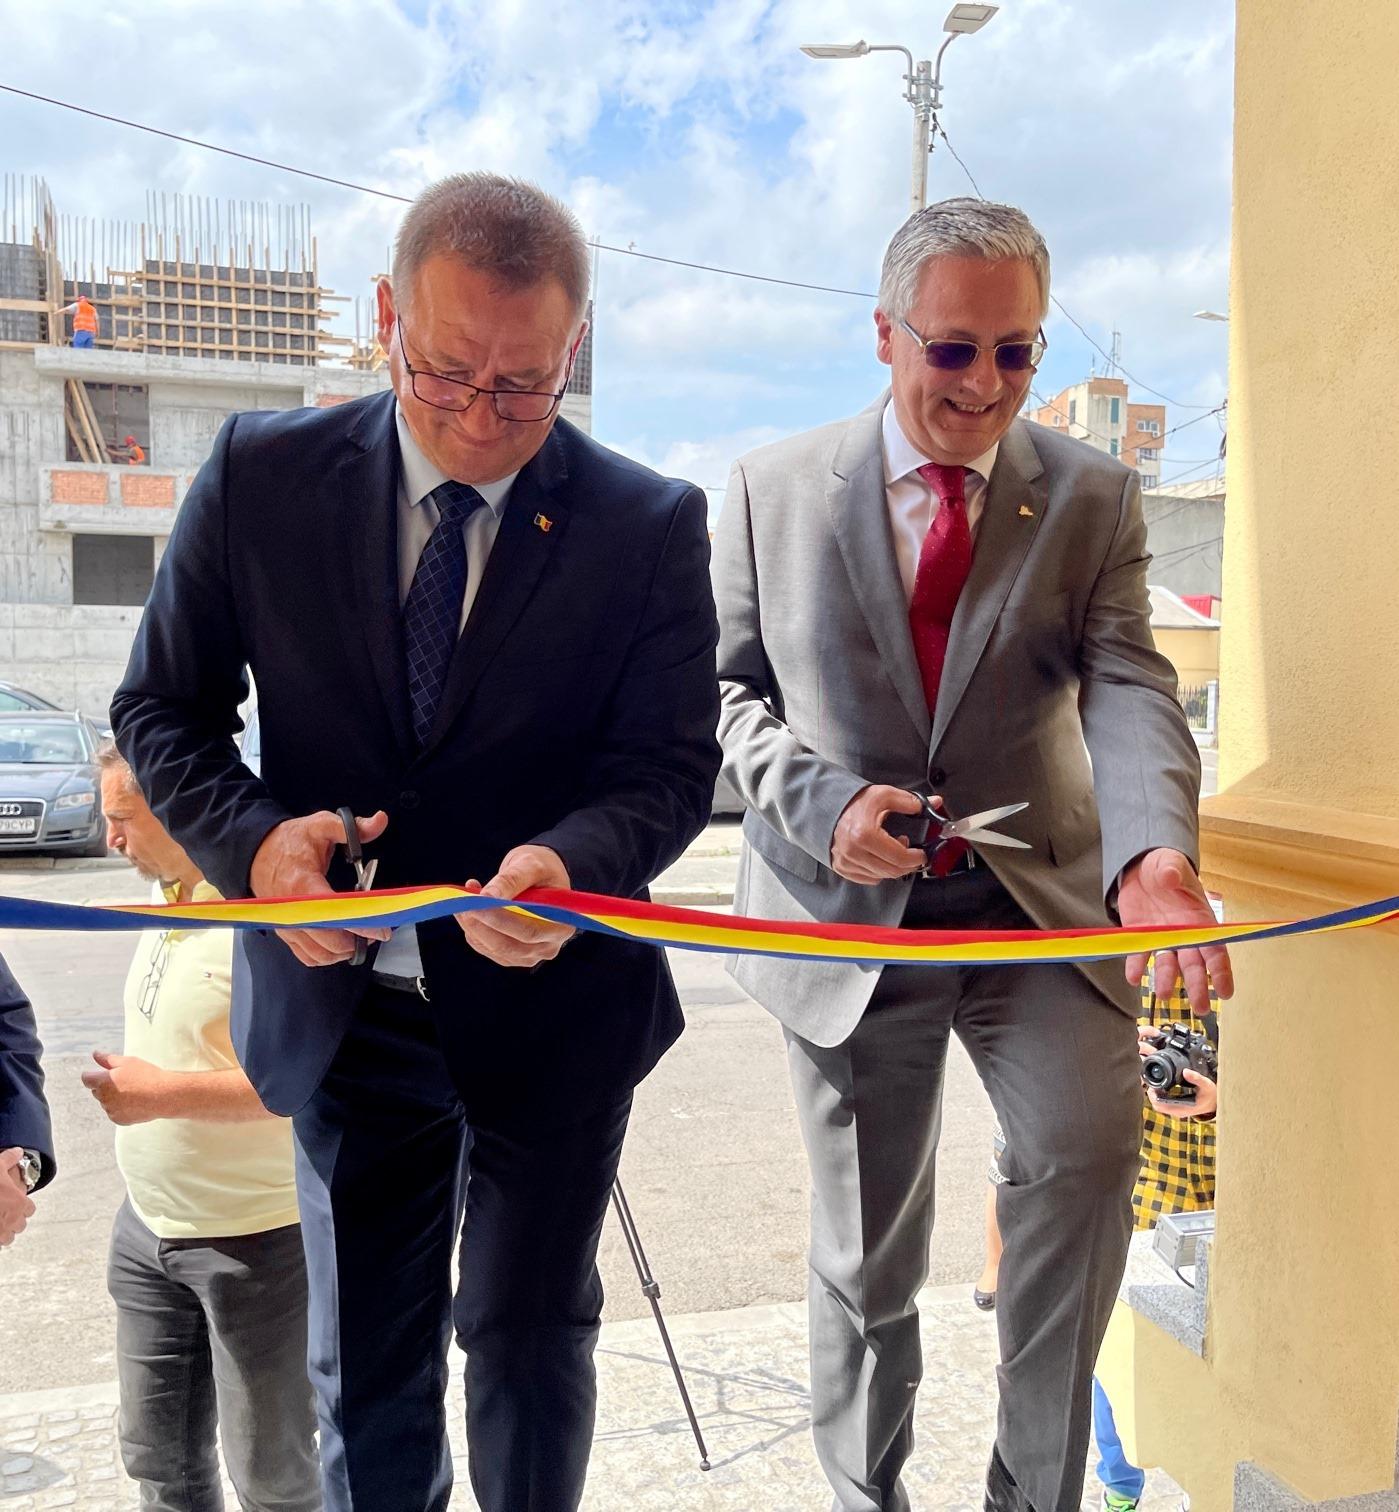 Monumentul istoric Poșta veche din Municipiul Călărași, primul proiect care a primit finanțare Regio în perioada 2014-2020, a fost finalizat!